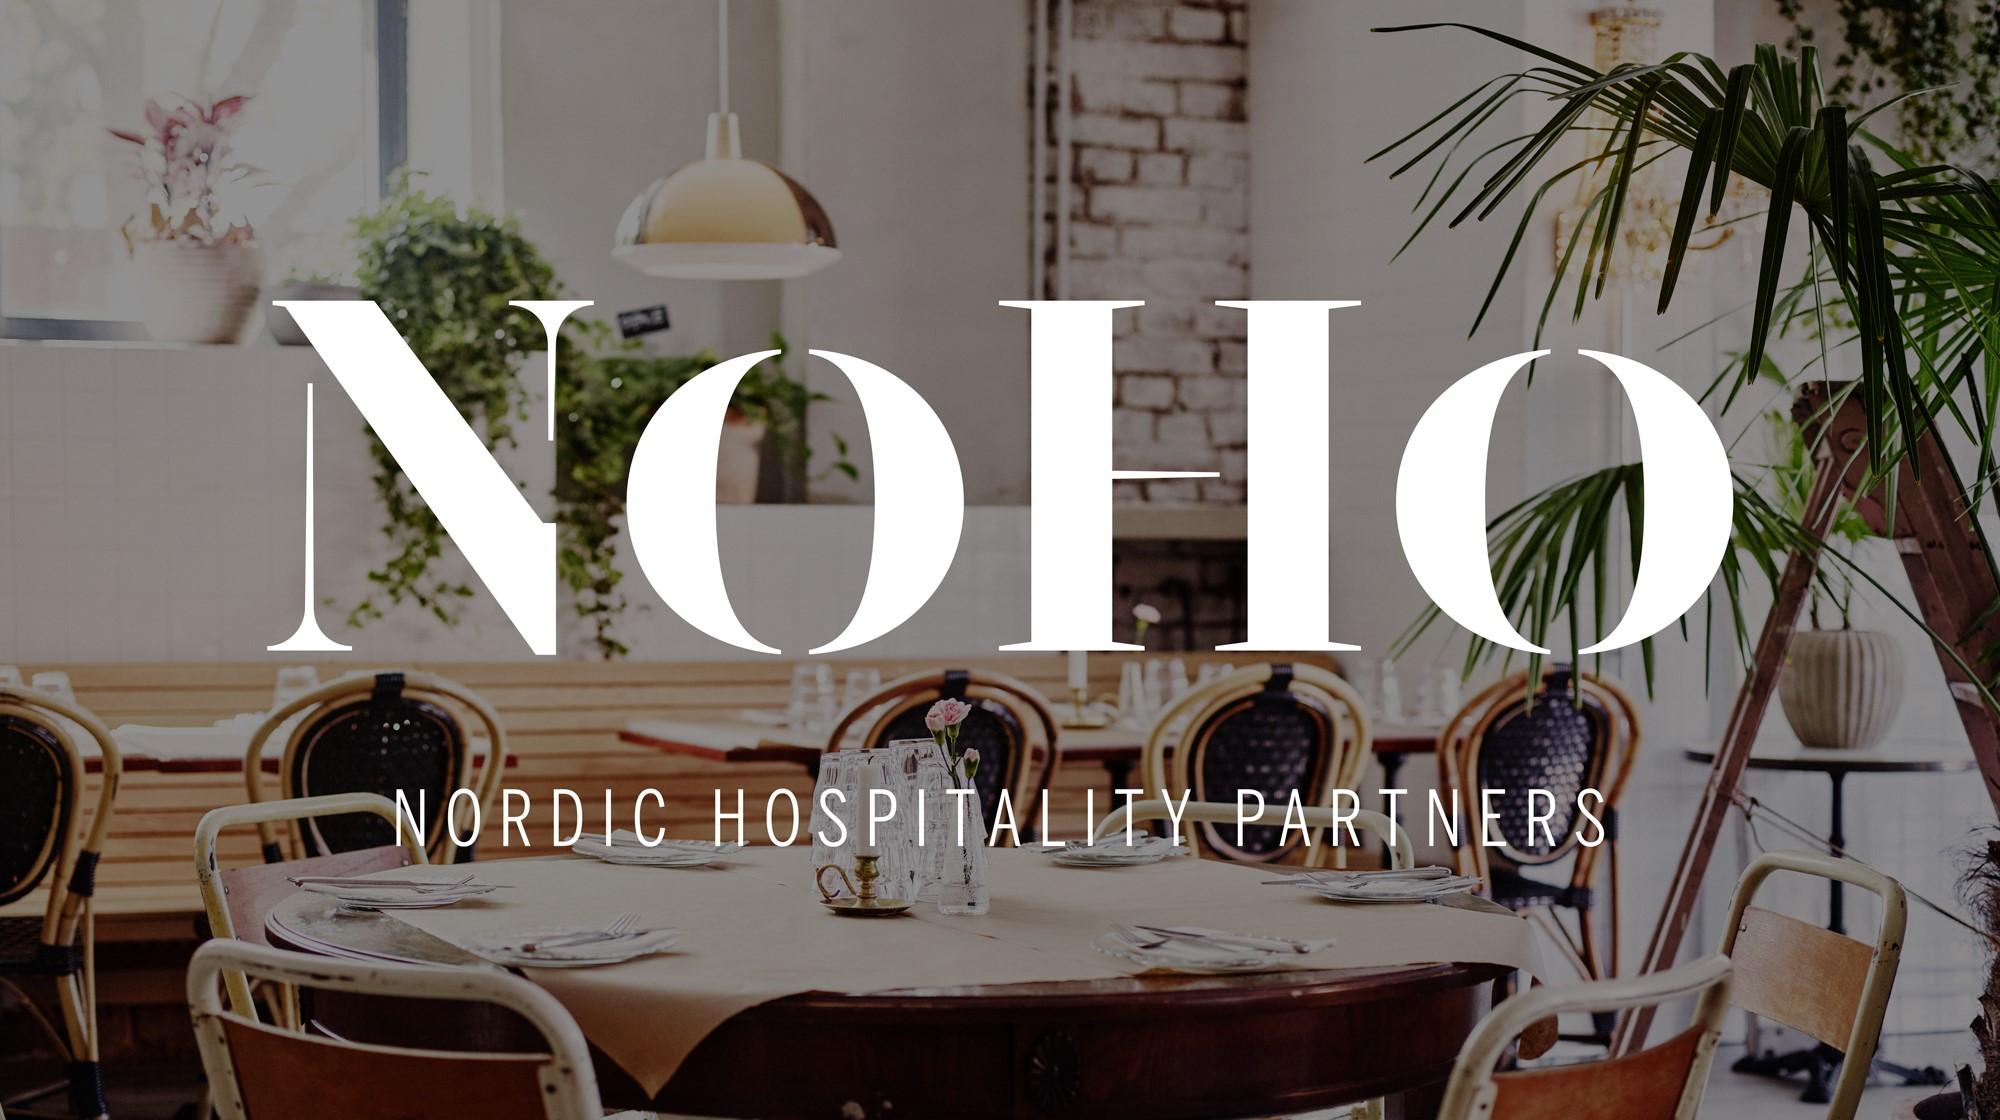 NoHo Partners pyytää oikeusasiamiestä tutkimaan tartuntatautilain ravintola-alaa koskevan muutosesityksen ja valtioneuvoston asetuksen valmistelut